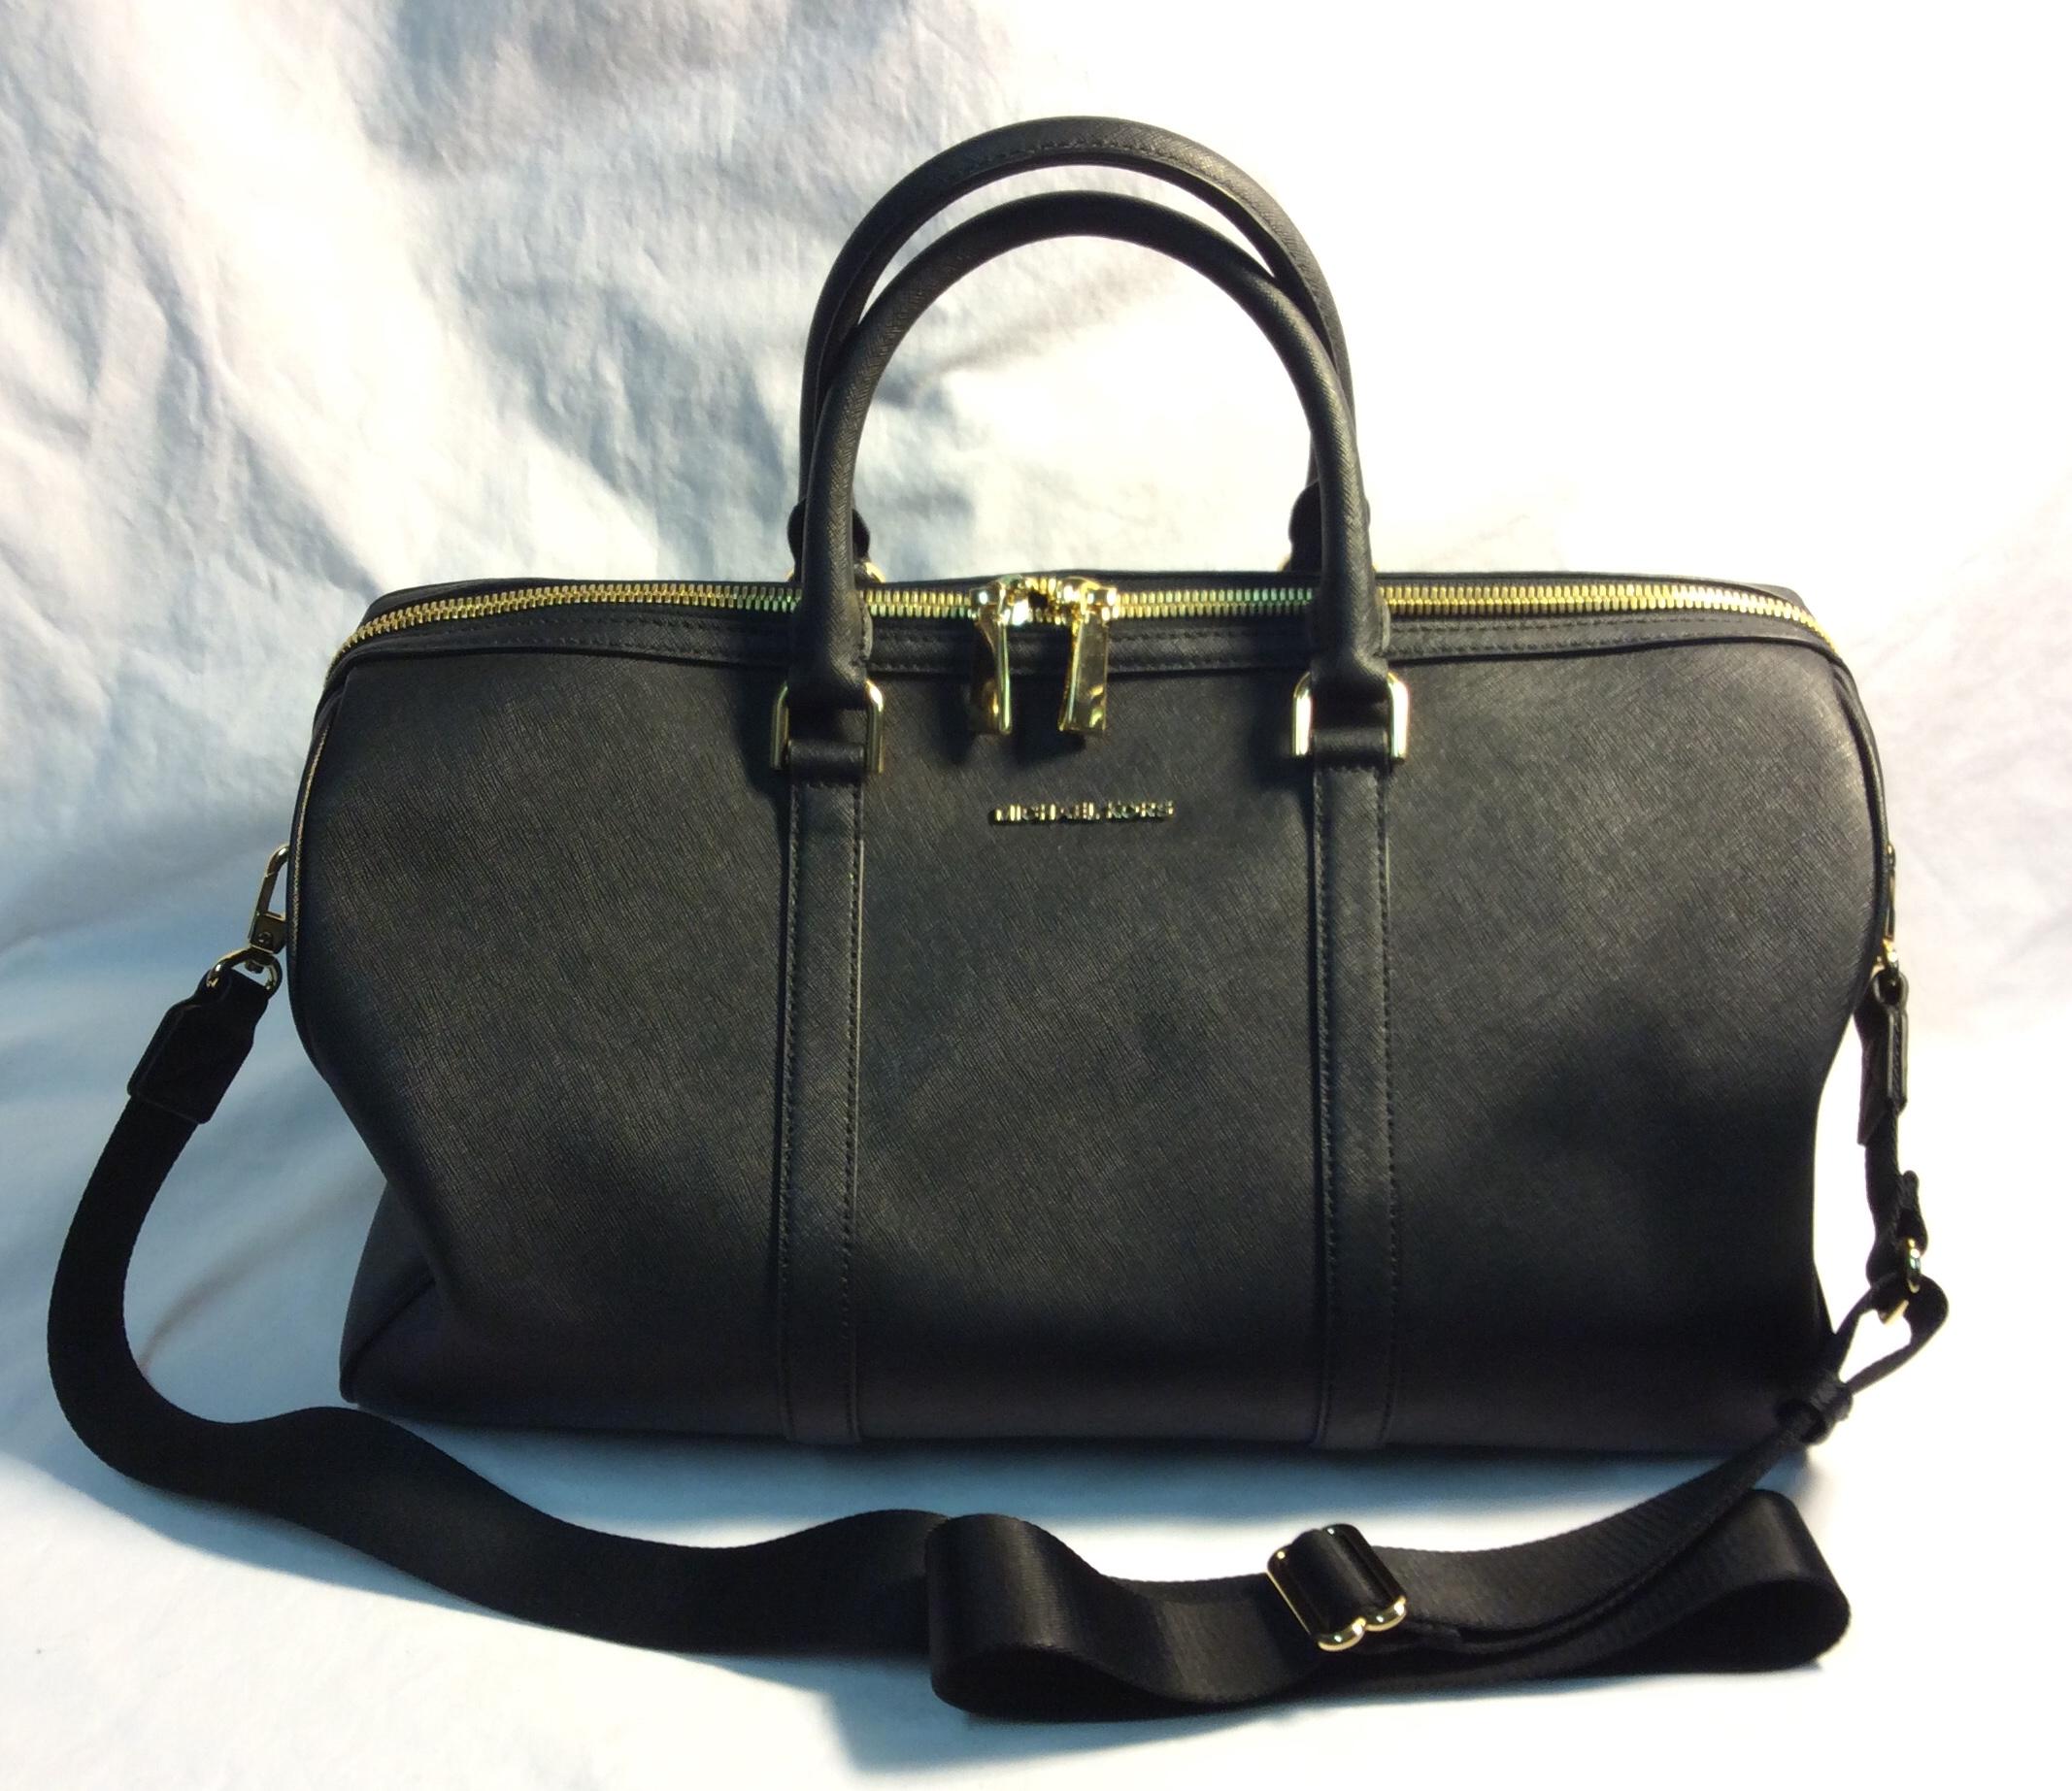 Michael Kors black leather weekender bag x1